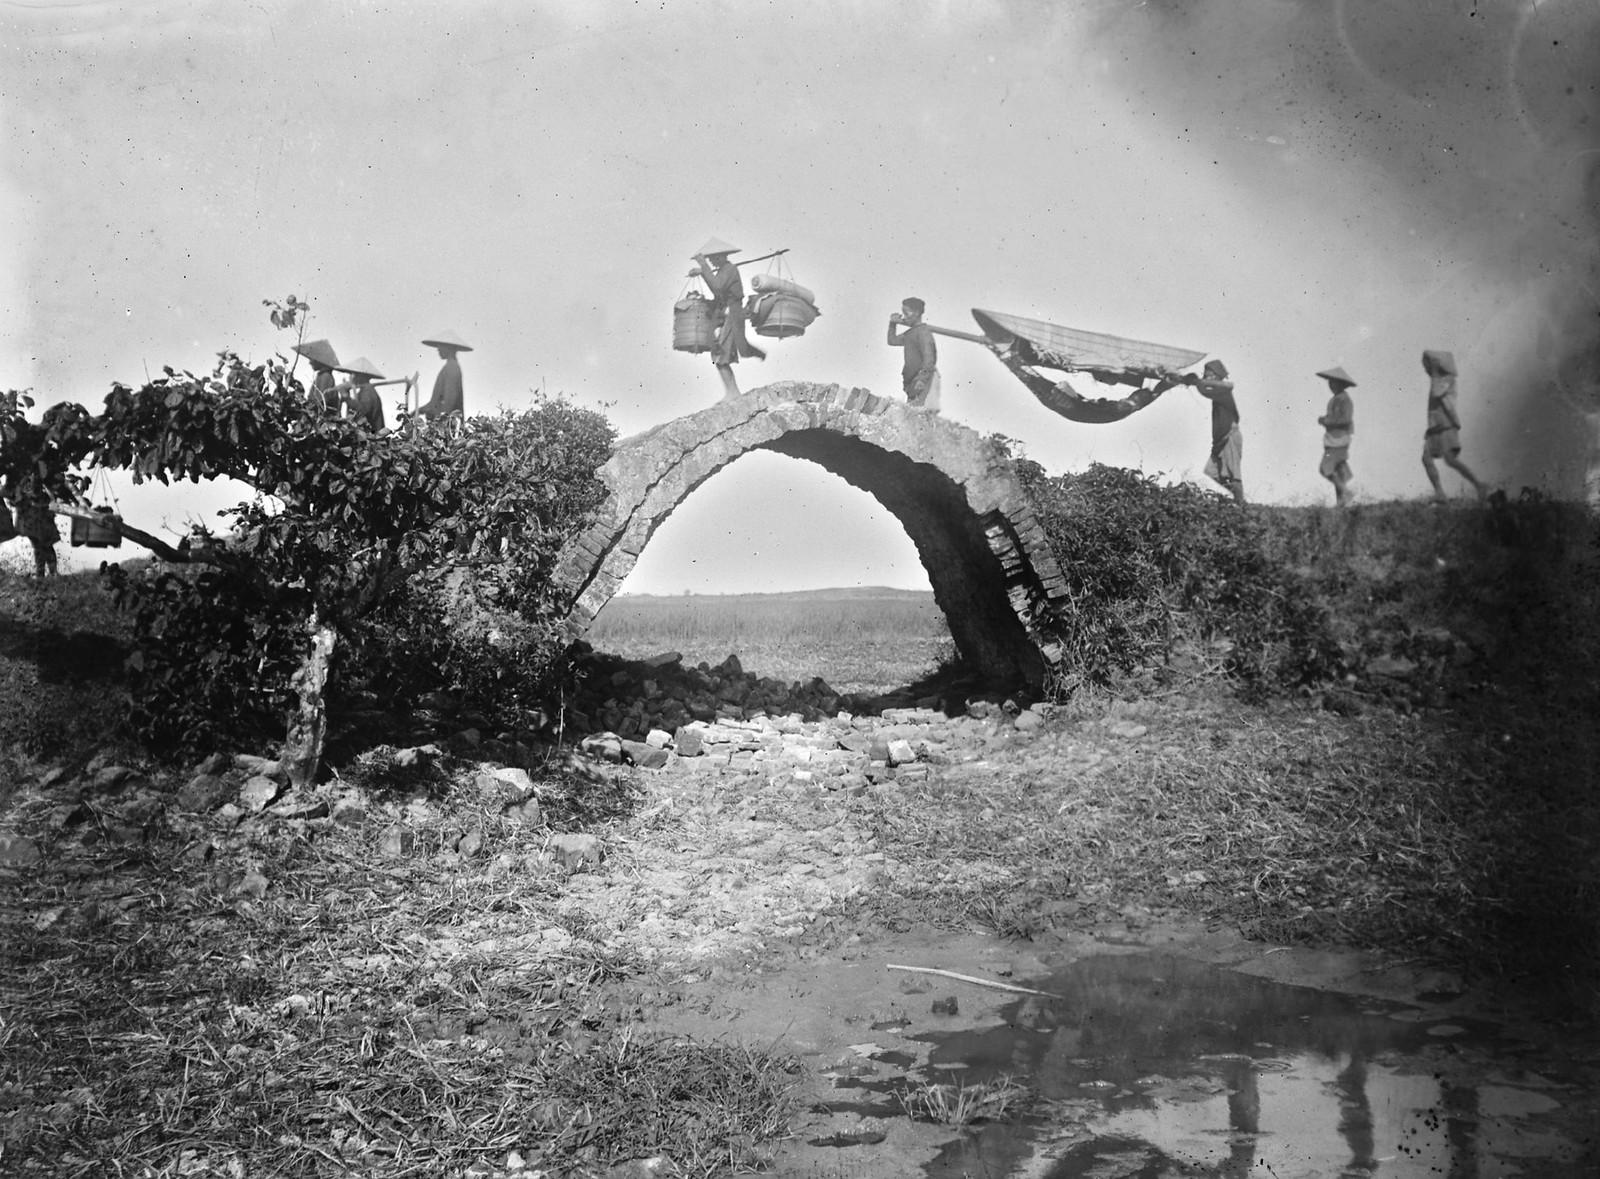 Chùm ảnh: Hành trình trên đường Cái quan năm 1898 của André Salles